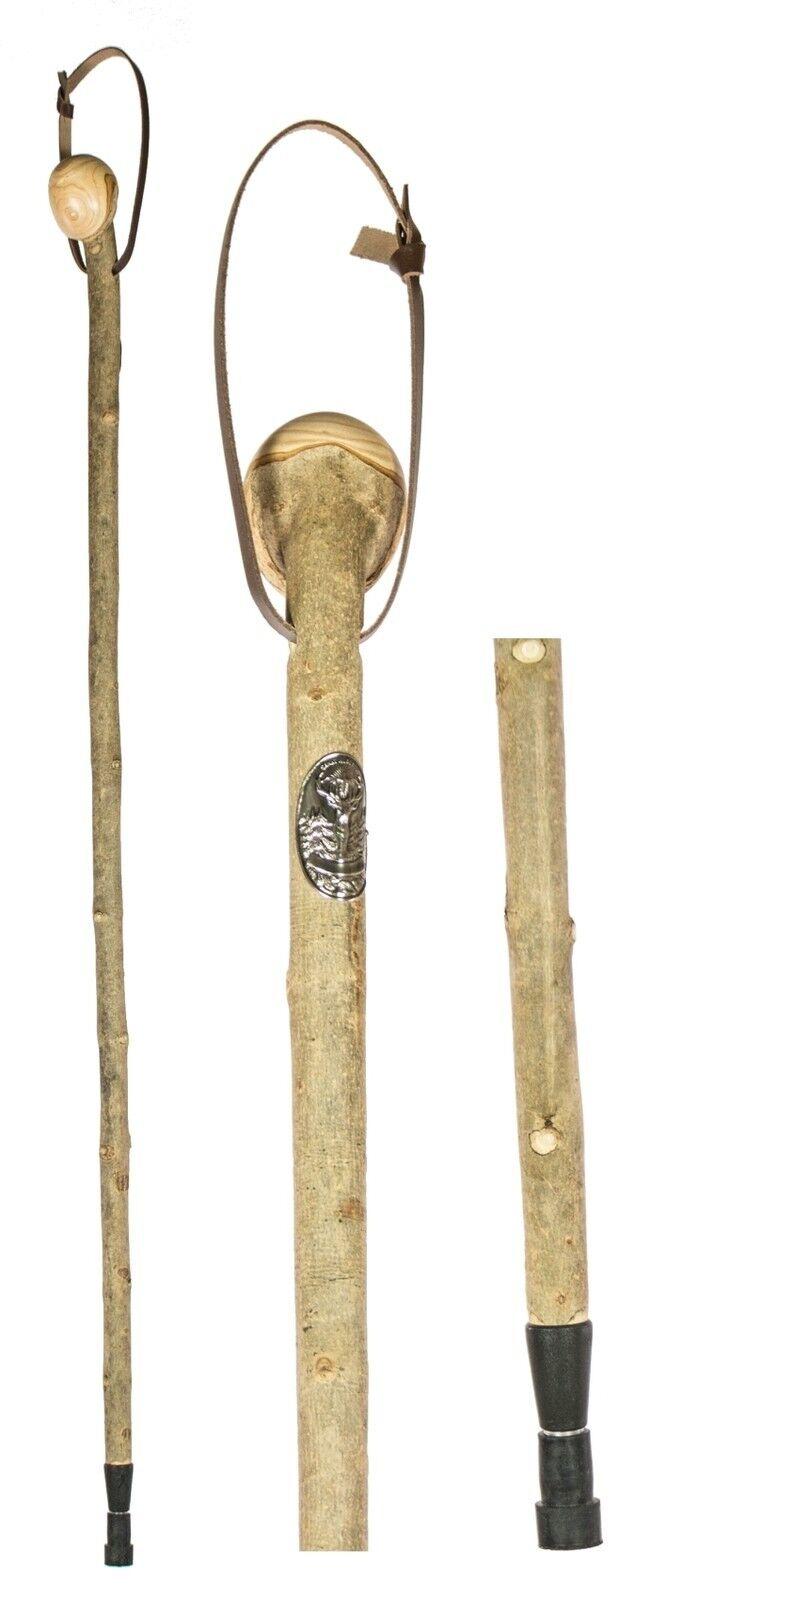 Controlador - & telescópicos raíz bastón con hubertusstocknagel fresno rindenecht